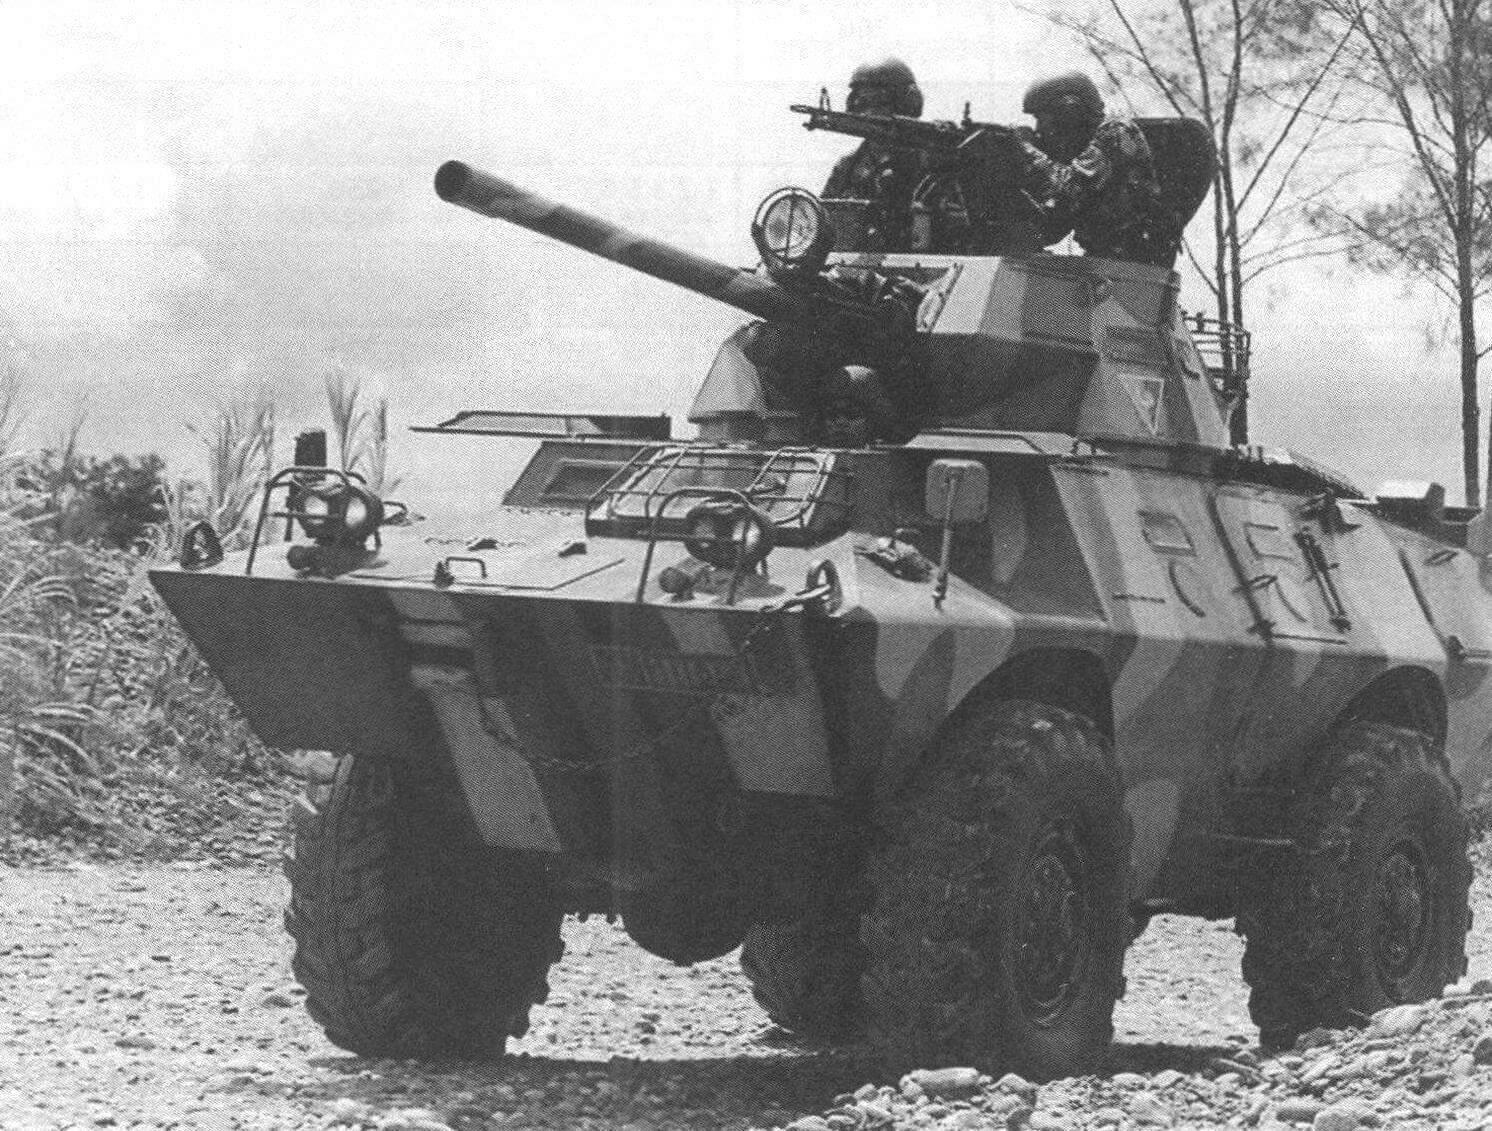 «Коммандо» V-150S с 90-мм пушкой «Мекар» армии Индонезии